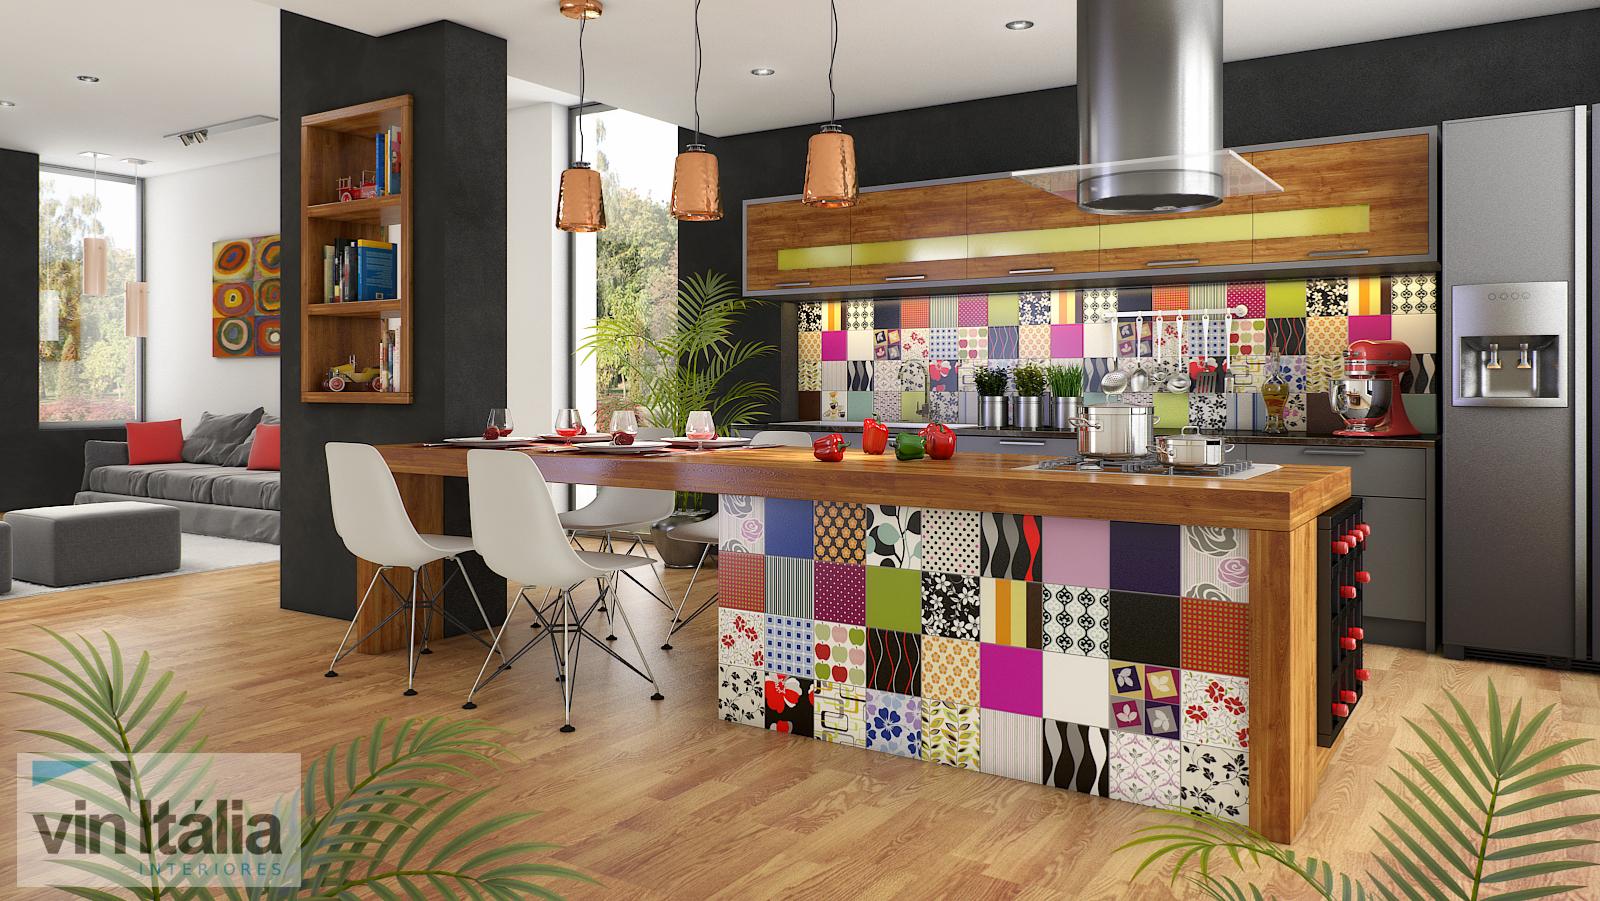 cozinha-patchwork-vinitalia-1